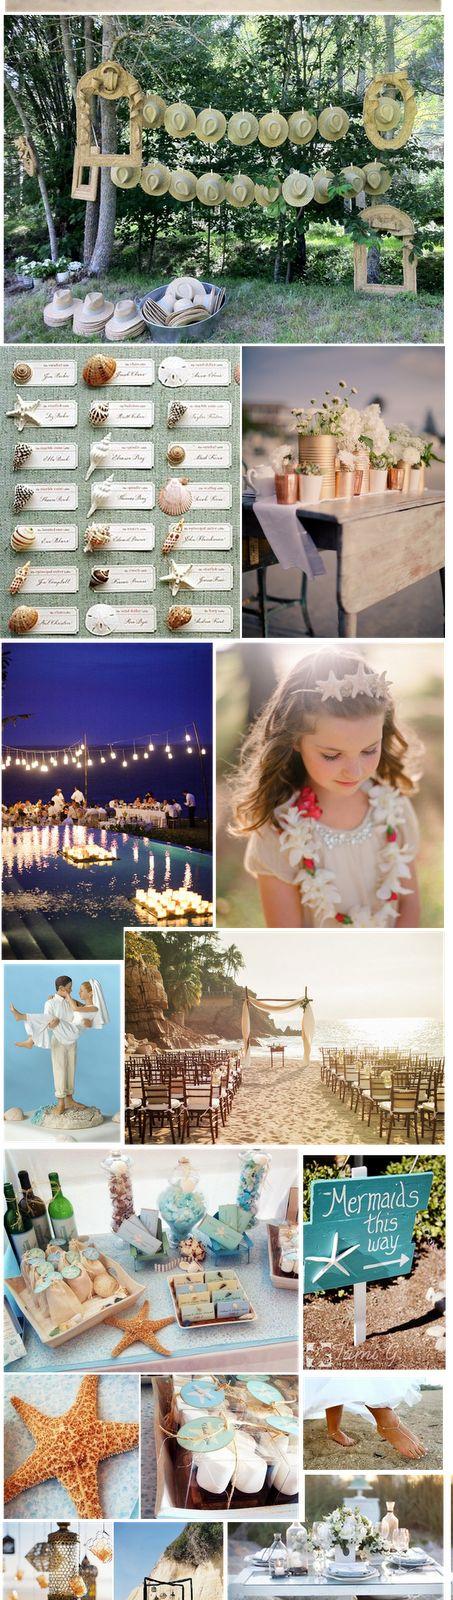 Sorpréndelos a todos con una boda muy romántica en la playa